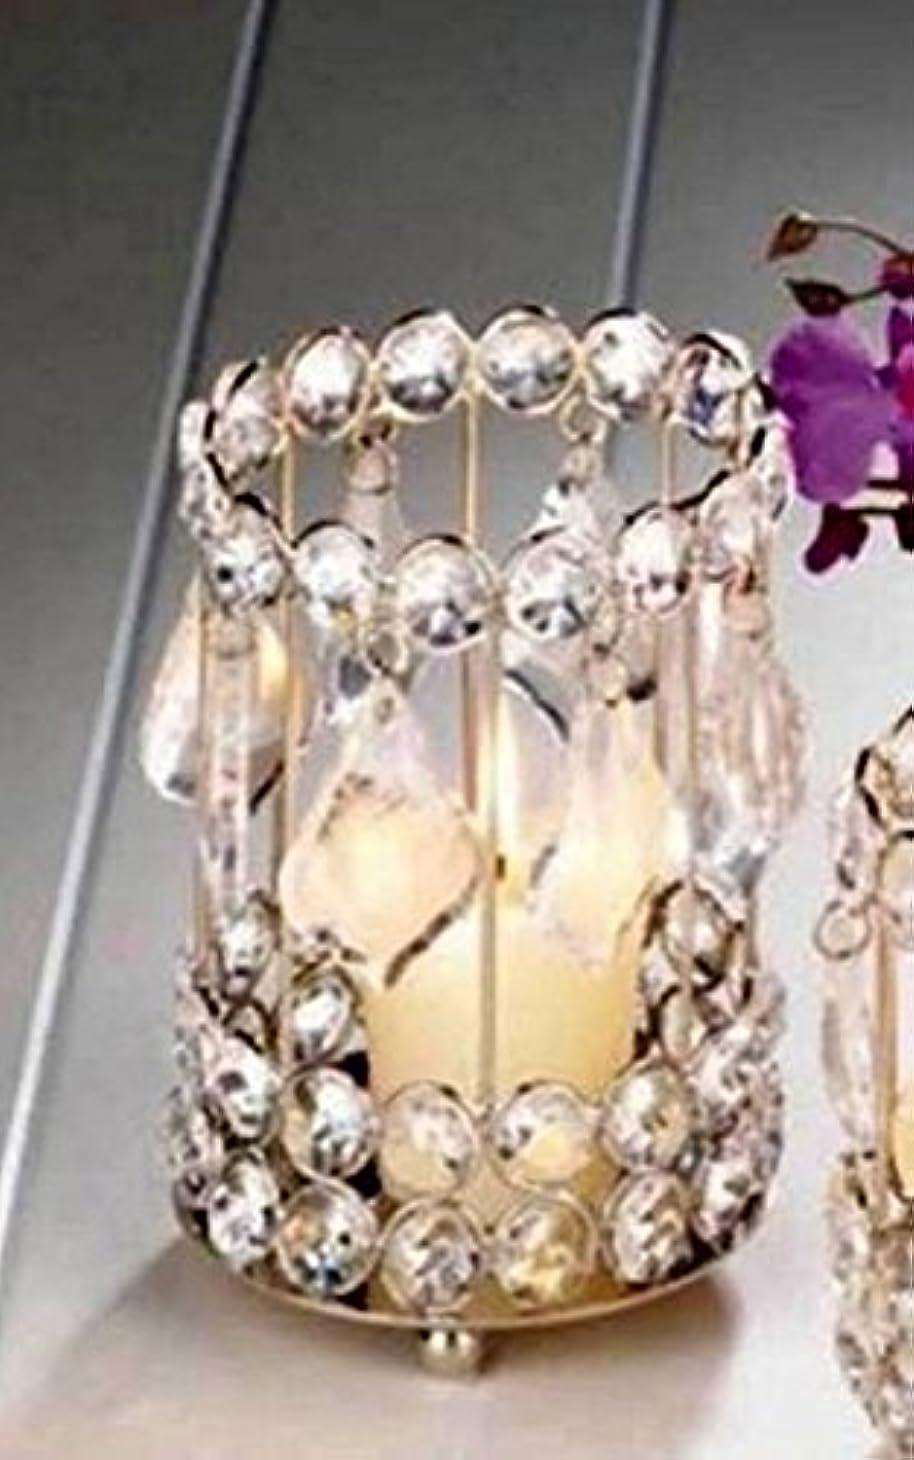 二年生新着リーチSWM 10018137 5.25 in. Super Bling Crystal Drops Candle Holder